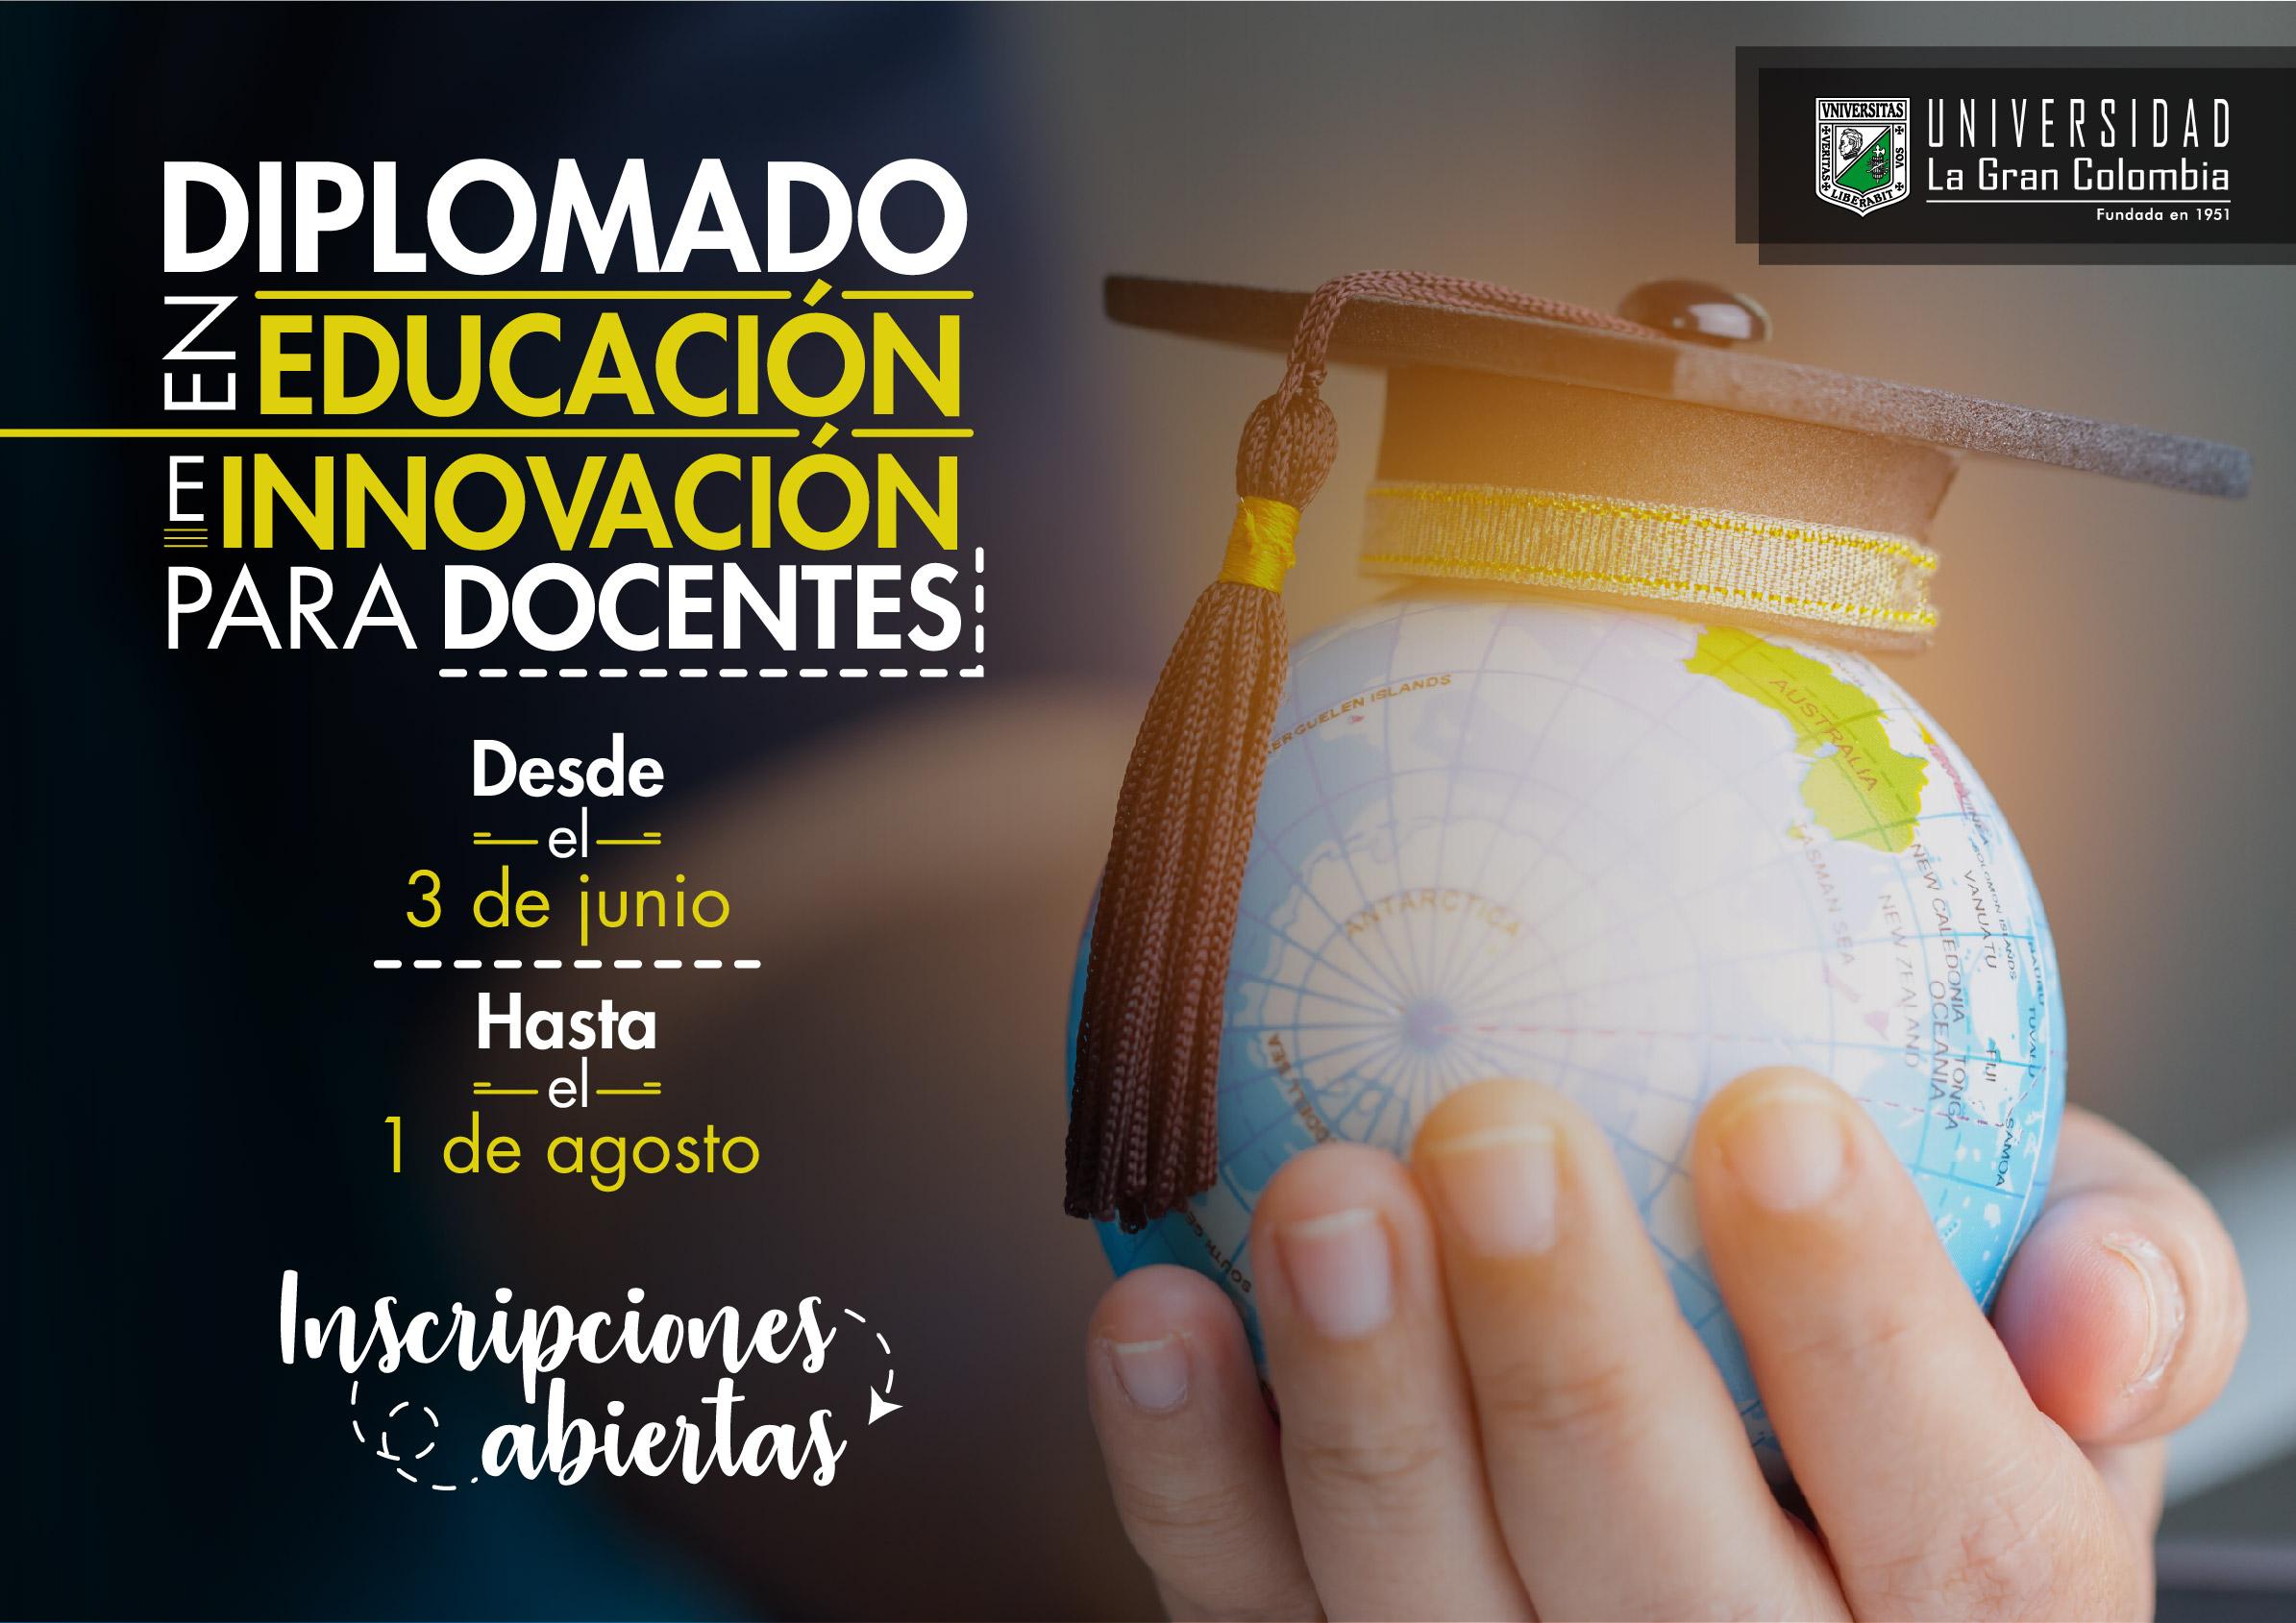 Diplomado en Educación e Innovación (sin costo para profesores de universidades miembro de ASCUN)